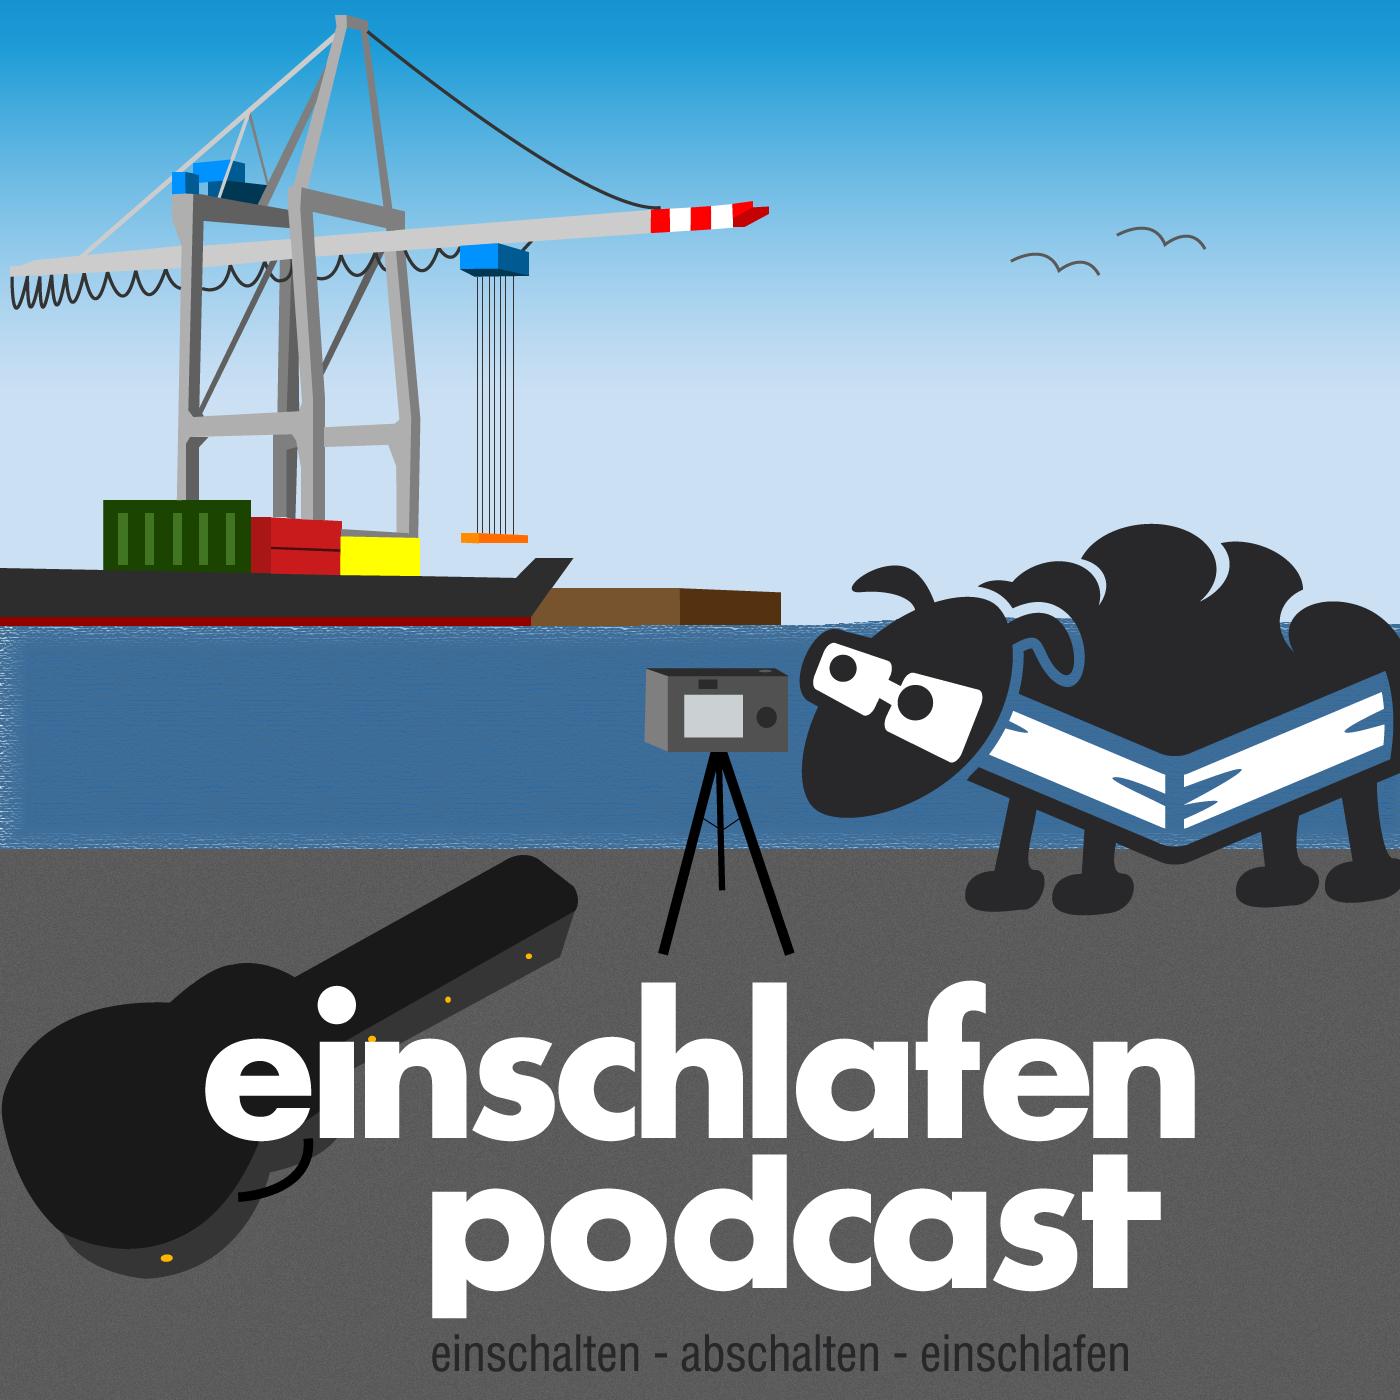 EP 320 - Zeitraffer ohne Bass und schottische Elfen - Episodenbild